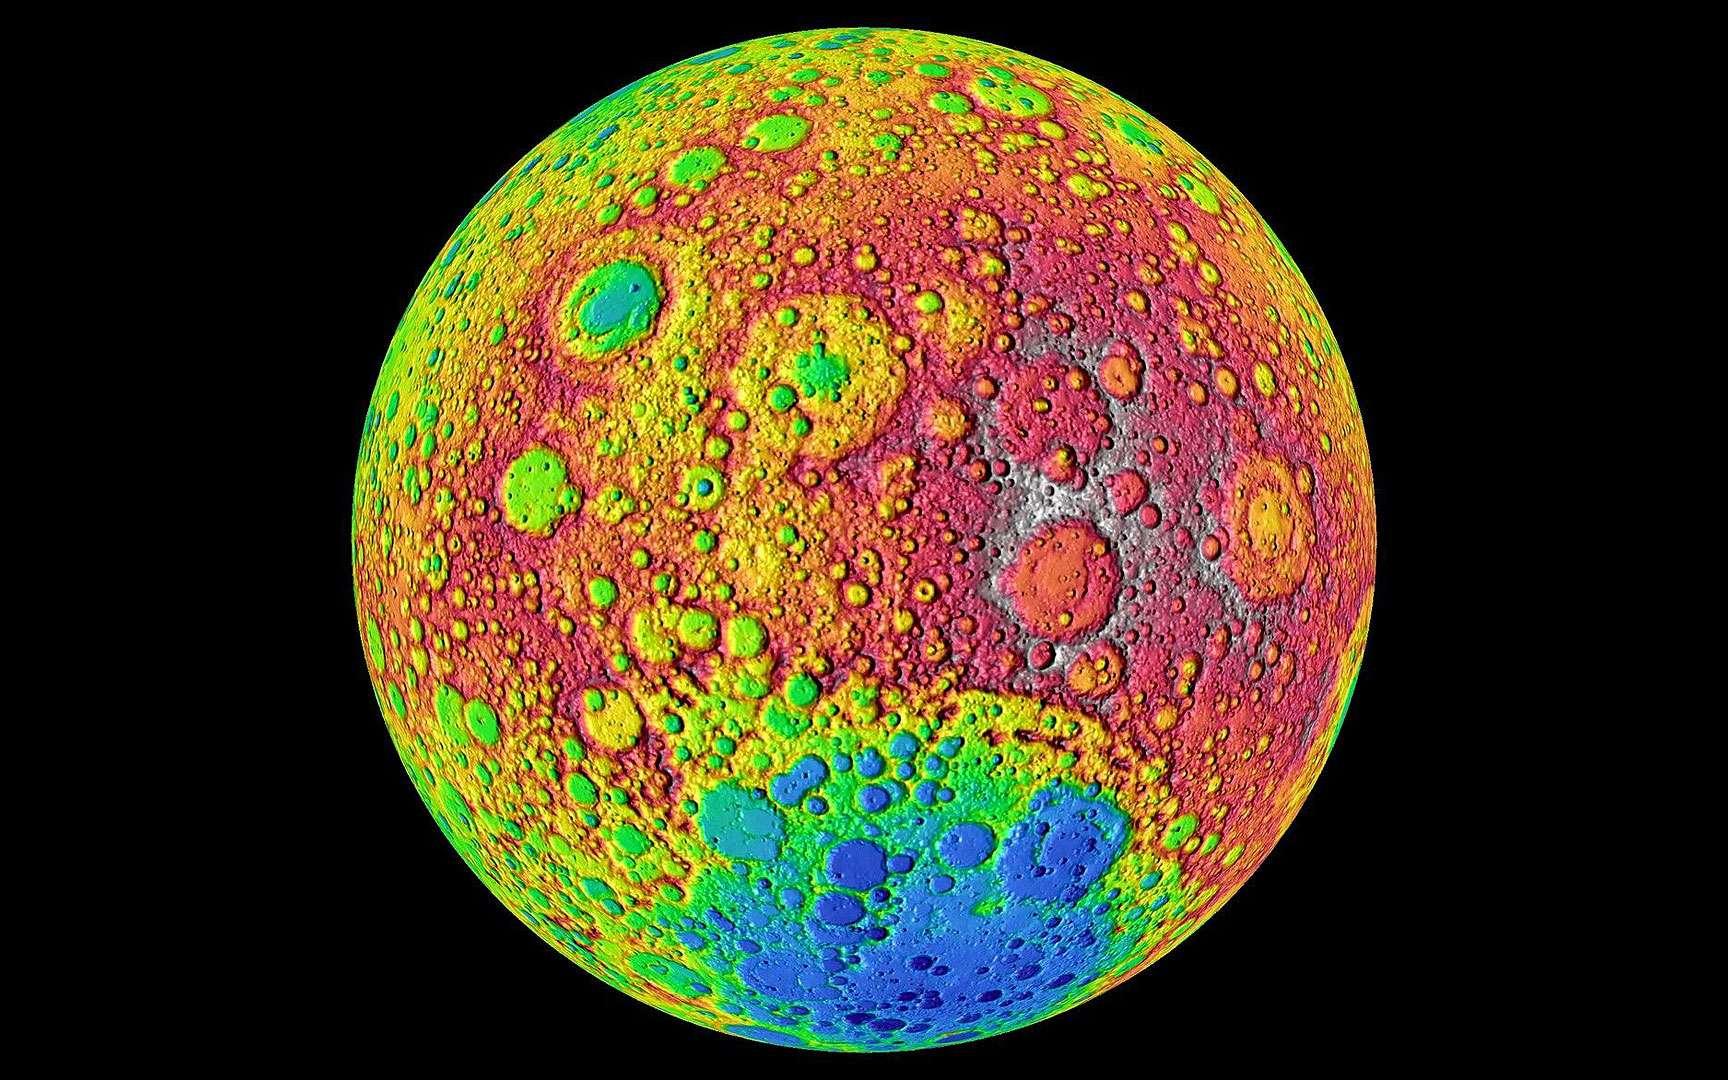 Carte altimétrique de la face cachée. Carte altimétrique de la face cachée de la Lune, réalisée à partir des mesures obtenues par le Lunar Reconnaissance Orbiter (LRO). Les zones les plus basses sont bleues (comme le bassin Aitken au pôle Sud), les hauts plateaux sont rouges. © Nasa/Goddard